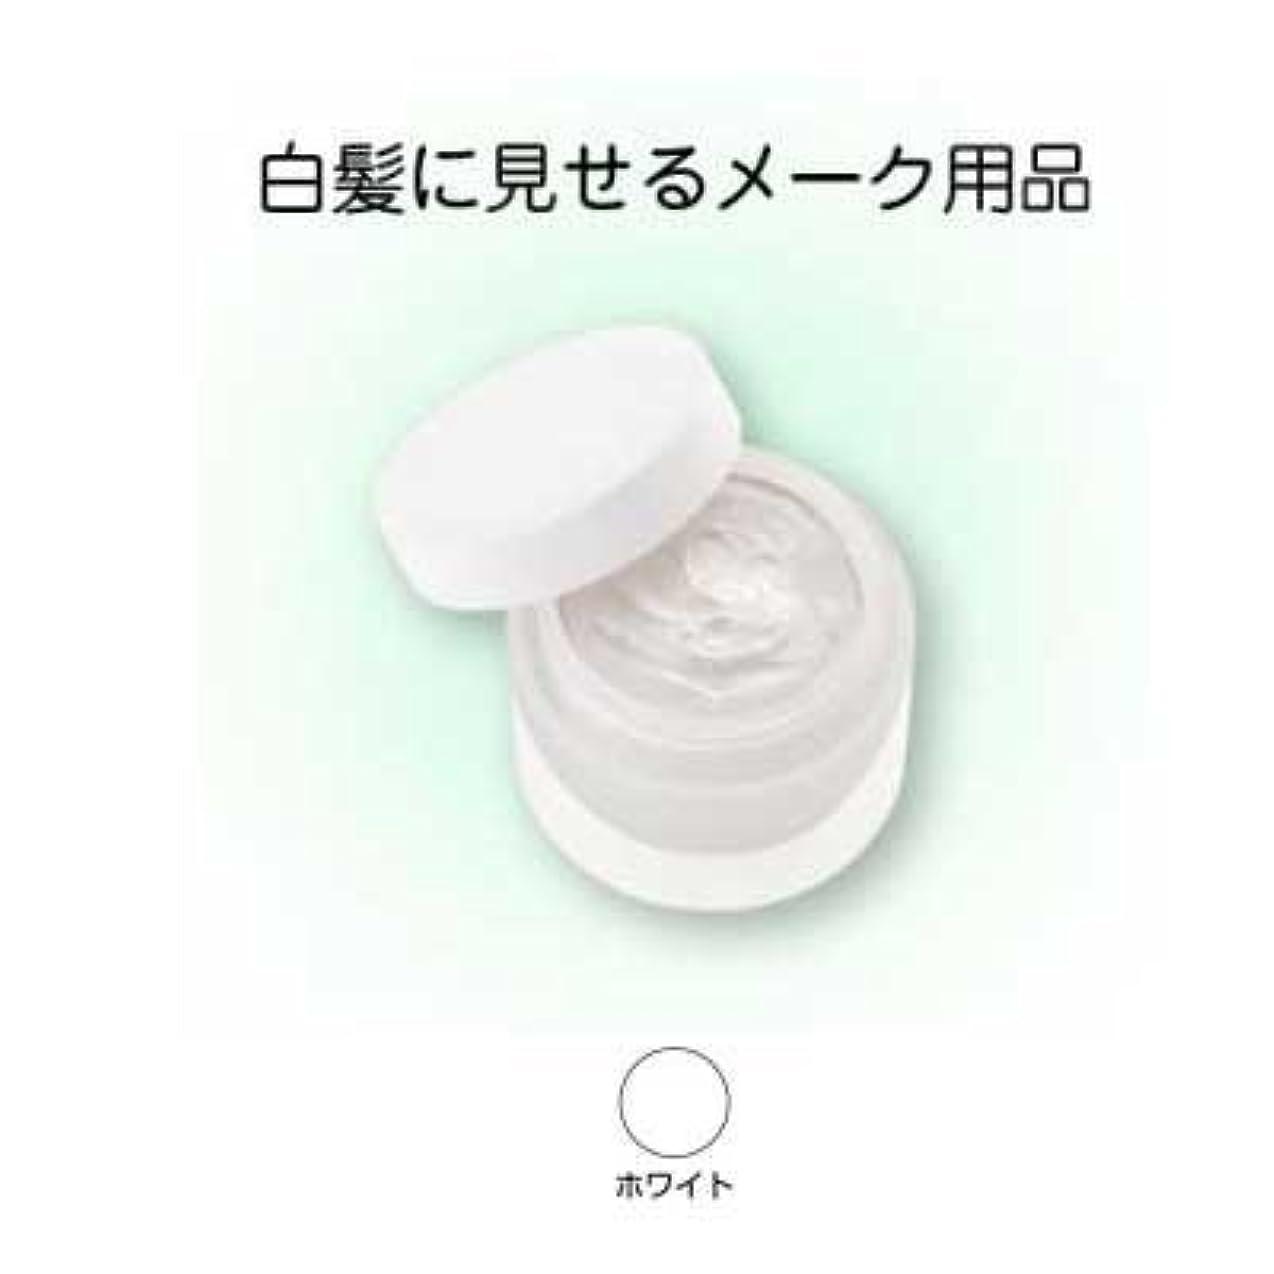 車両クラシック汚すヘアシルバー 33g ホワイト【三善】